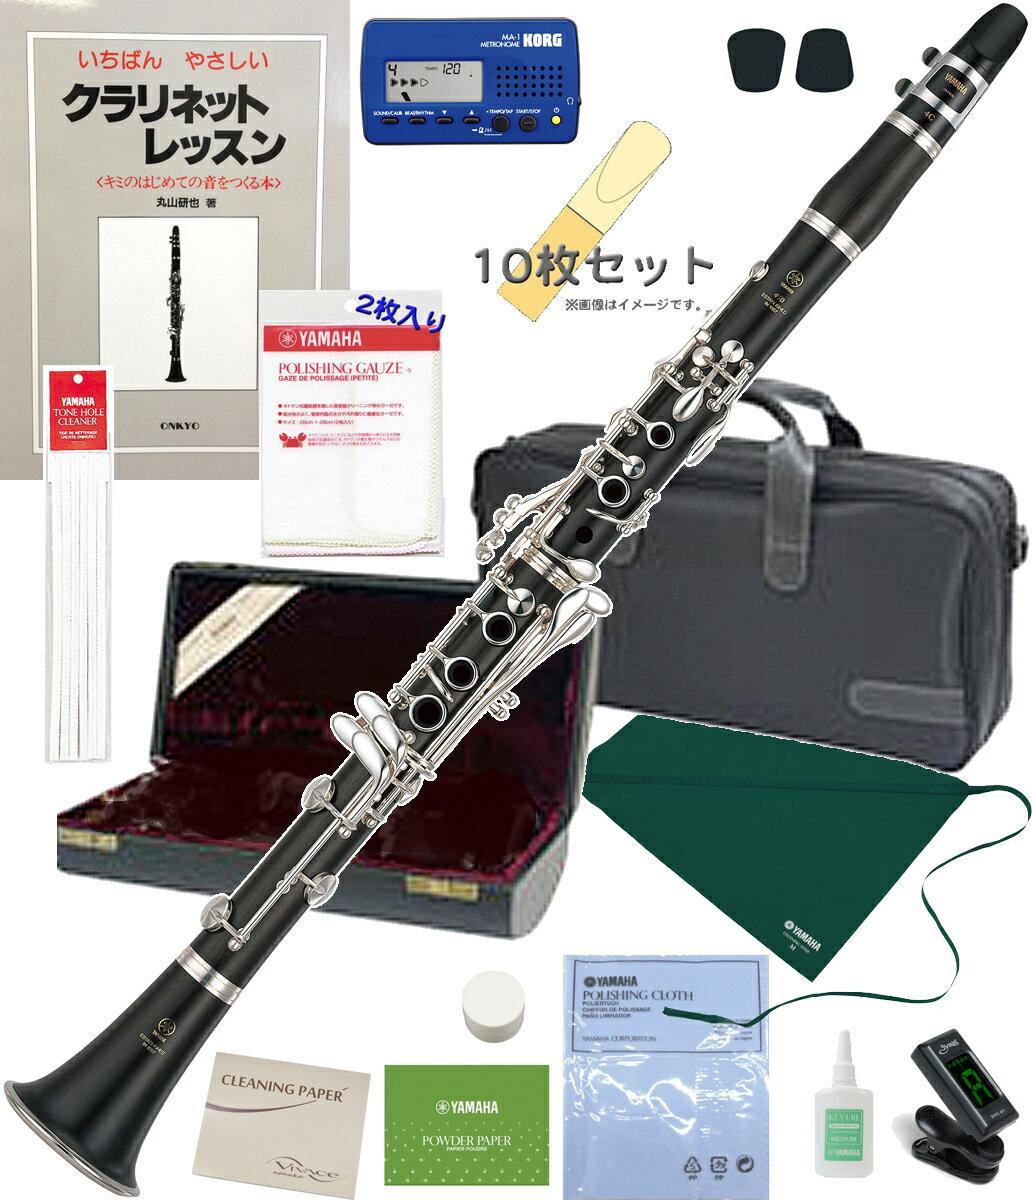 この価格在庫限りYAMAHA(ヤマハ)YCL-450木製クラリネット新品日本製管体グラナディラB♭管